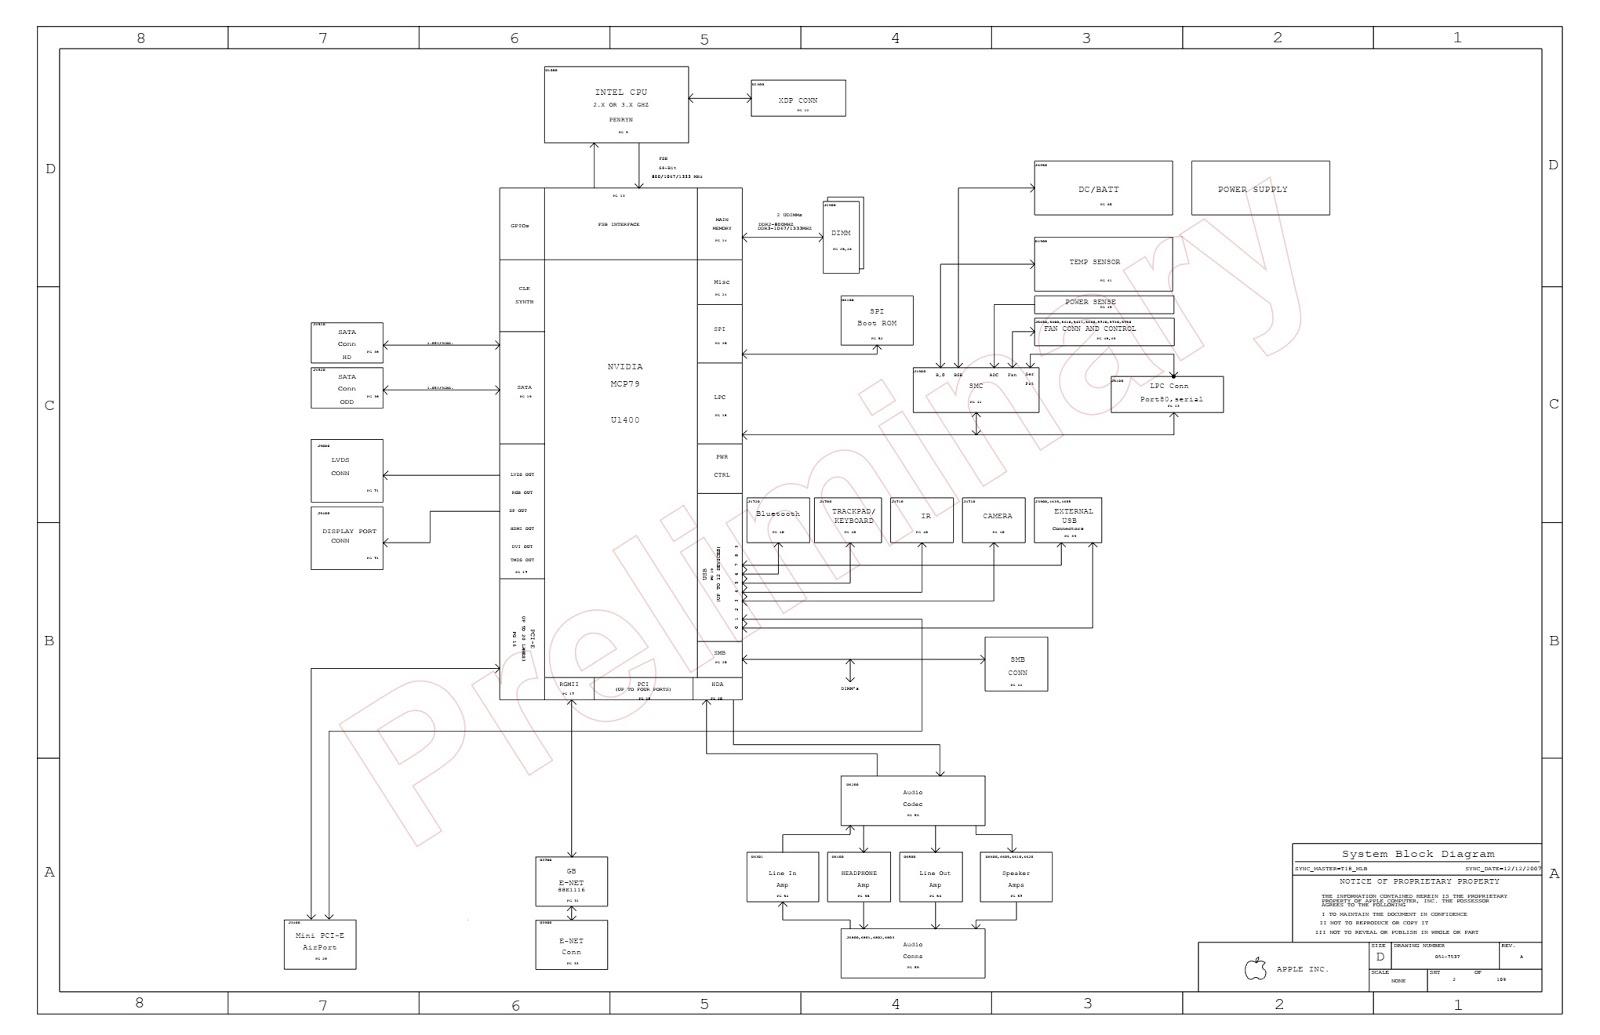 BIOS & SCHEMATIC: Schematic Apple Macbook Uni A1278 M97 A Schematic on